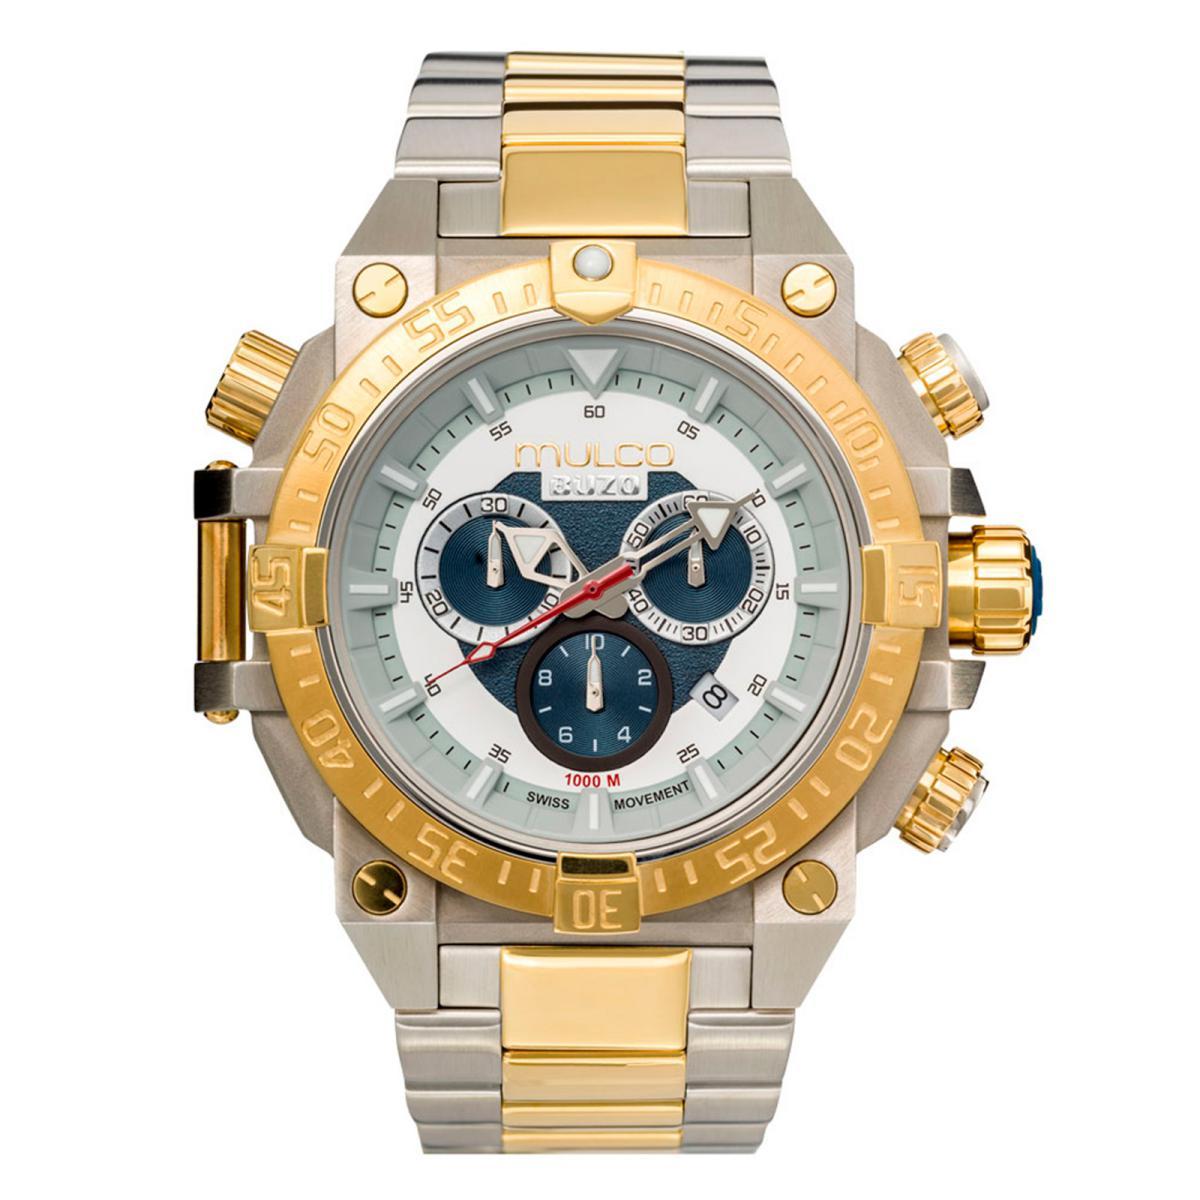 a9e3ce3c48bc Reloj Mulco - MB-6-92565-764 - Hombre - Time Square